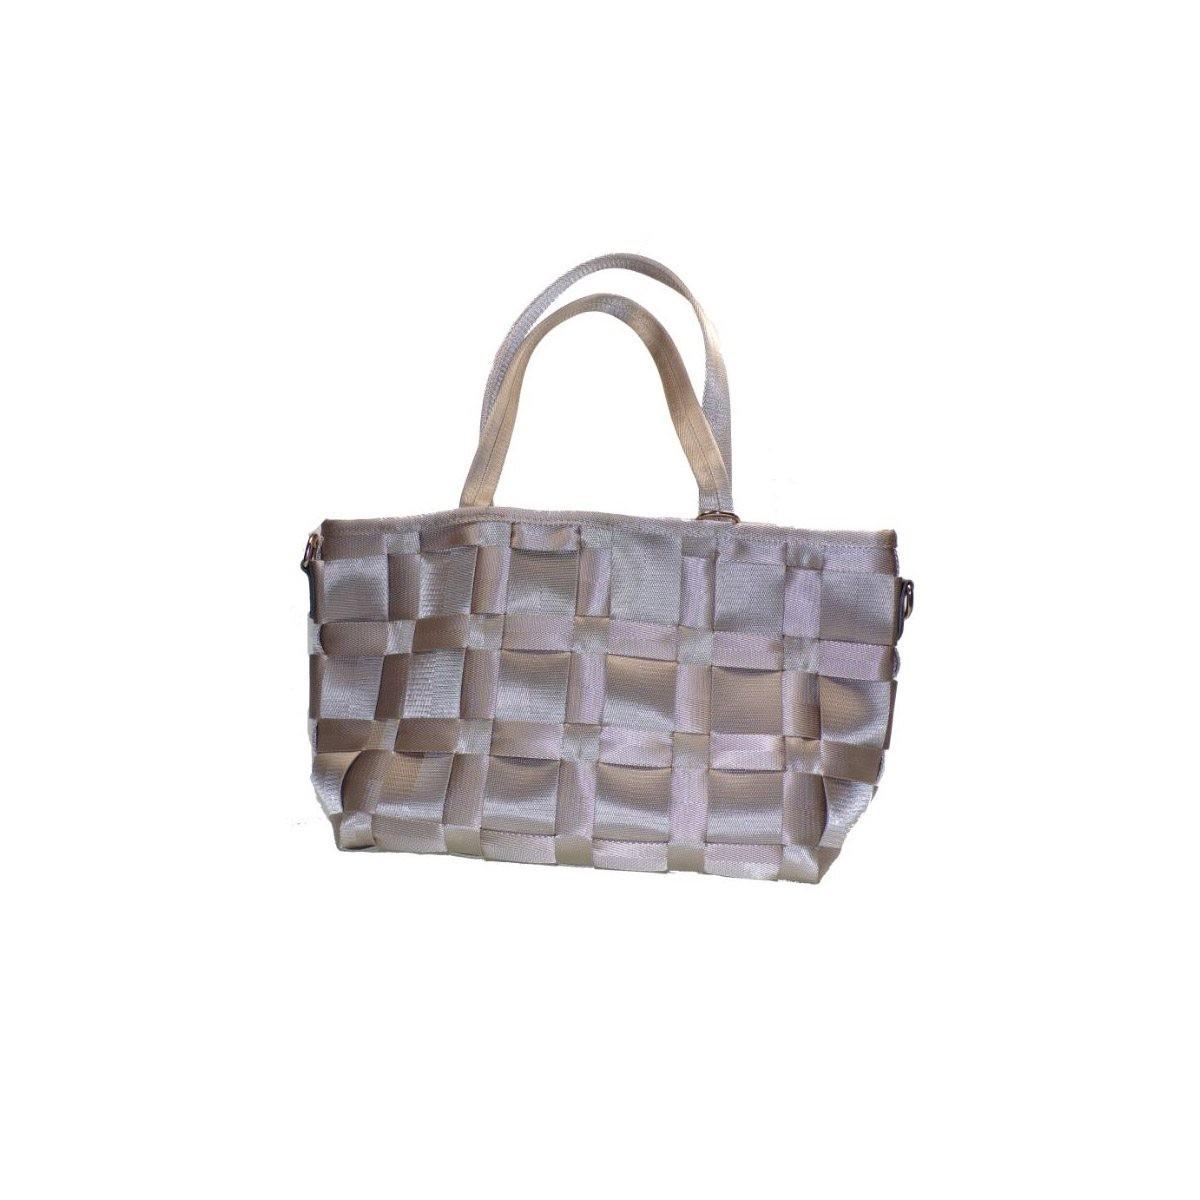 2b59164f5b BagiotaShoes EXE Bags Γυναικείες Τσάντες 2298 Μπεζ Χρυσό EXE 2298